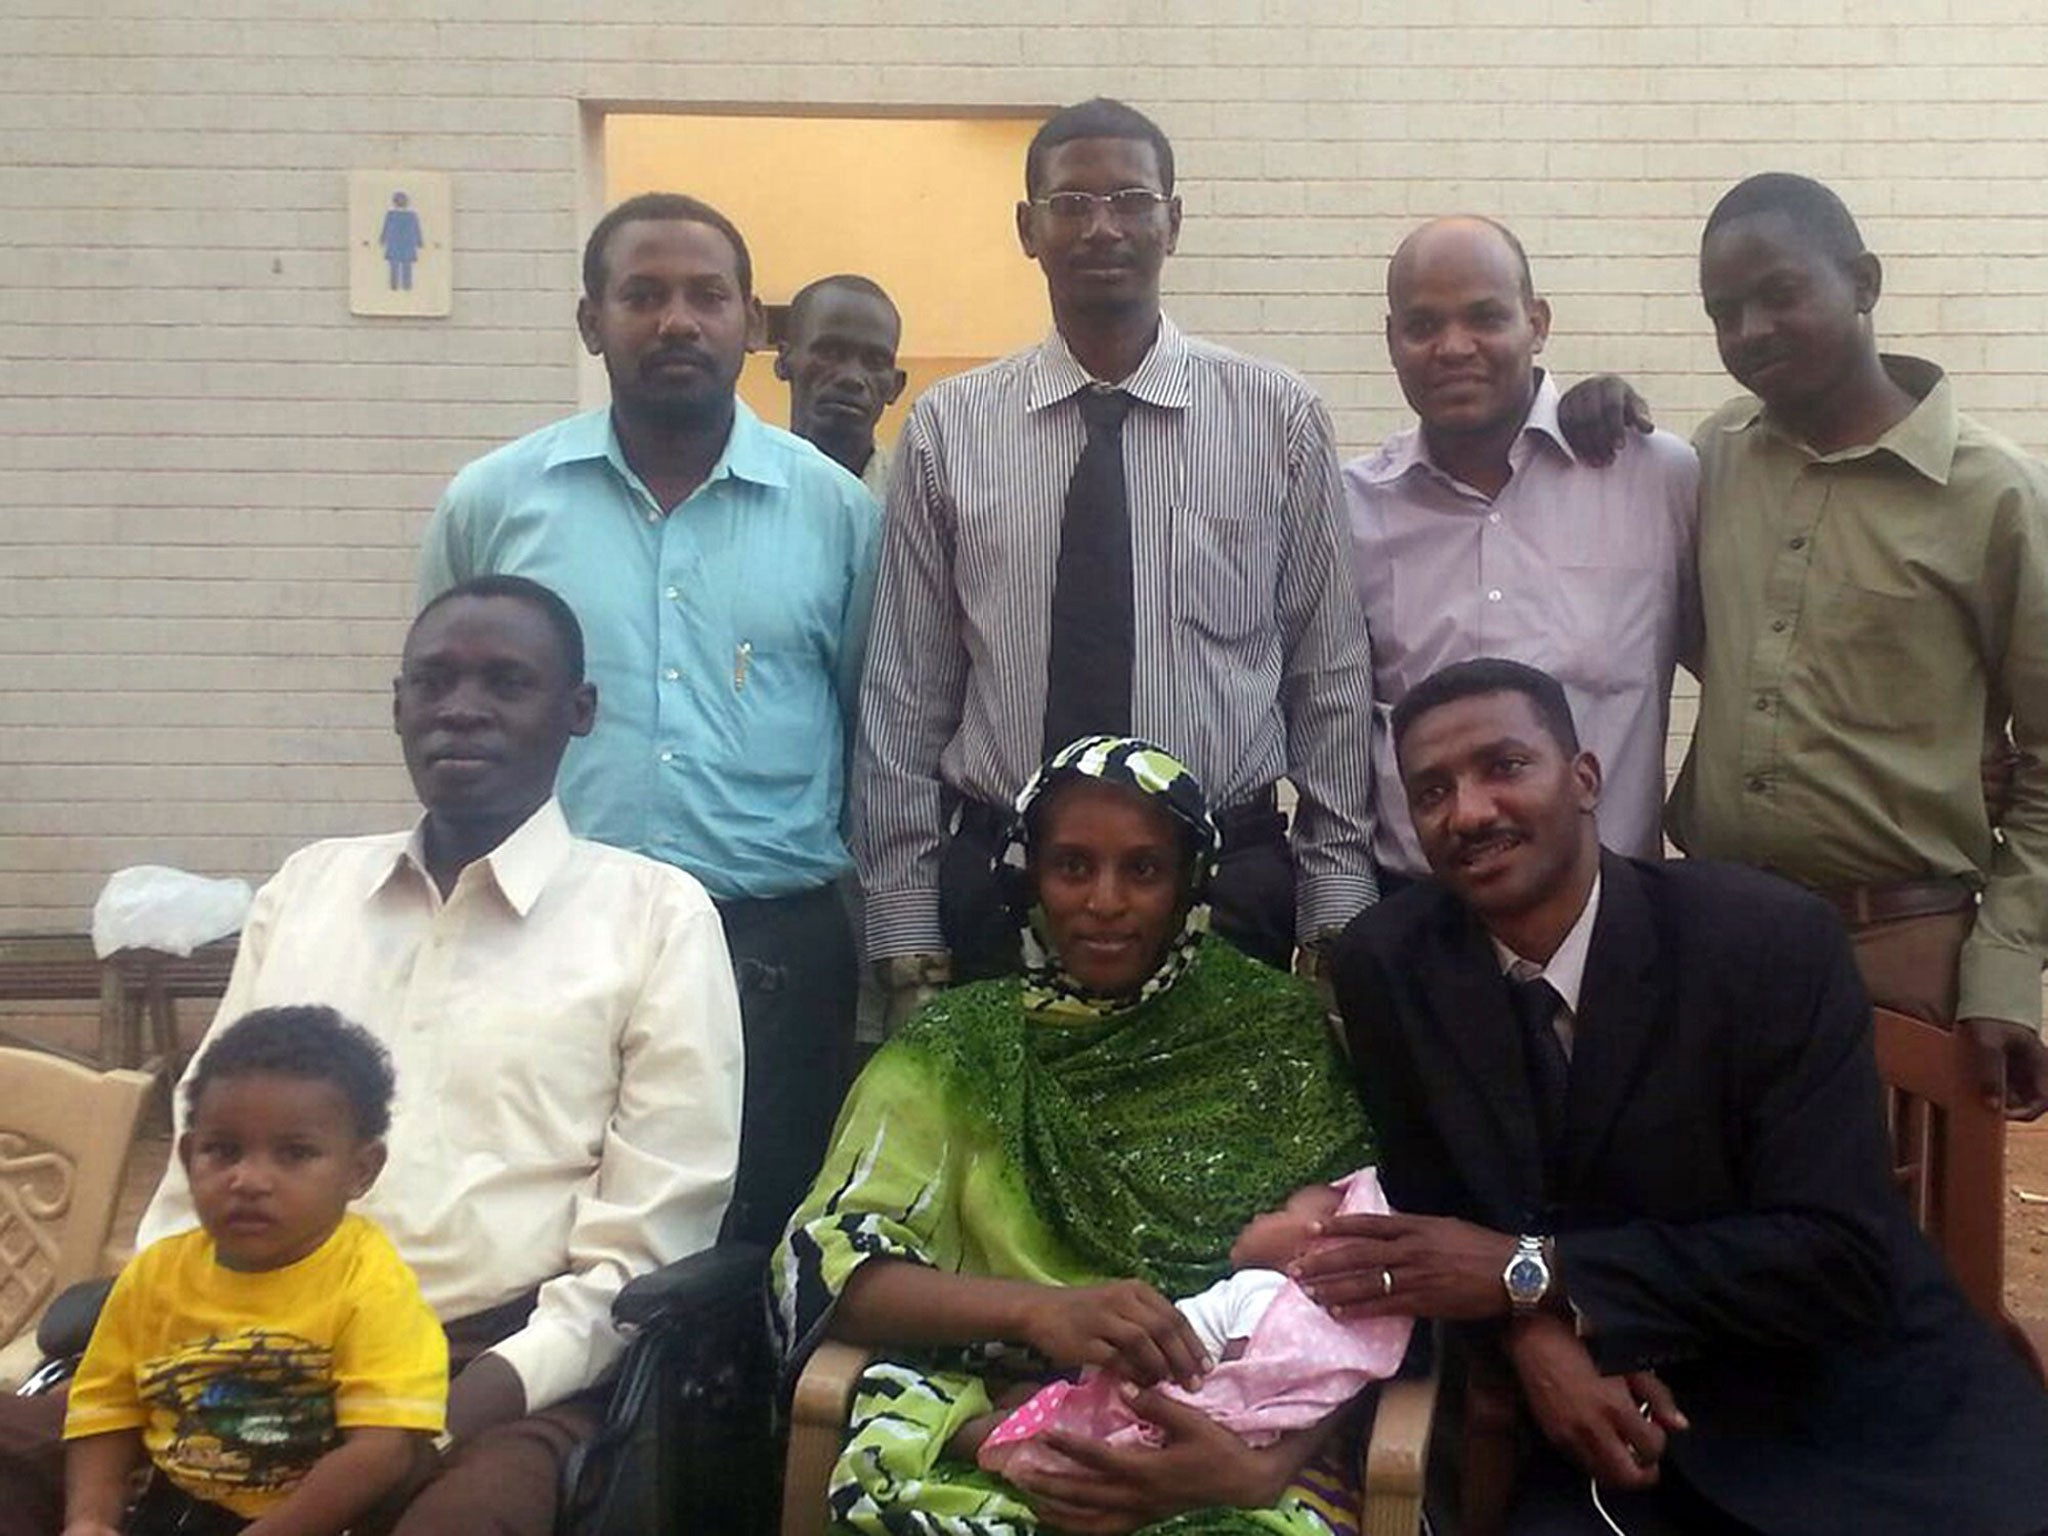 Breaking News: Meriam Ibrahim Will Walk Free